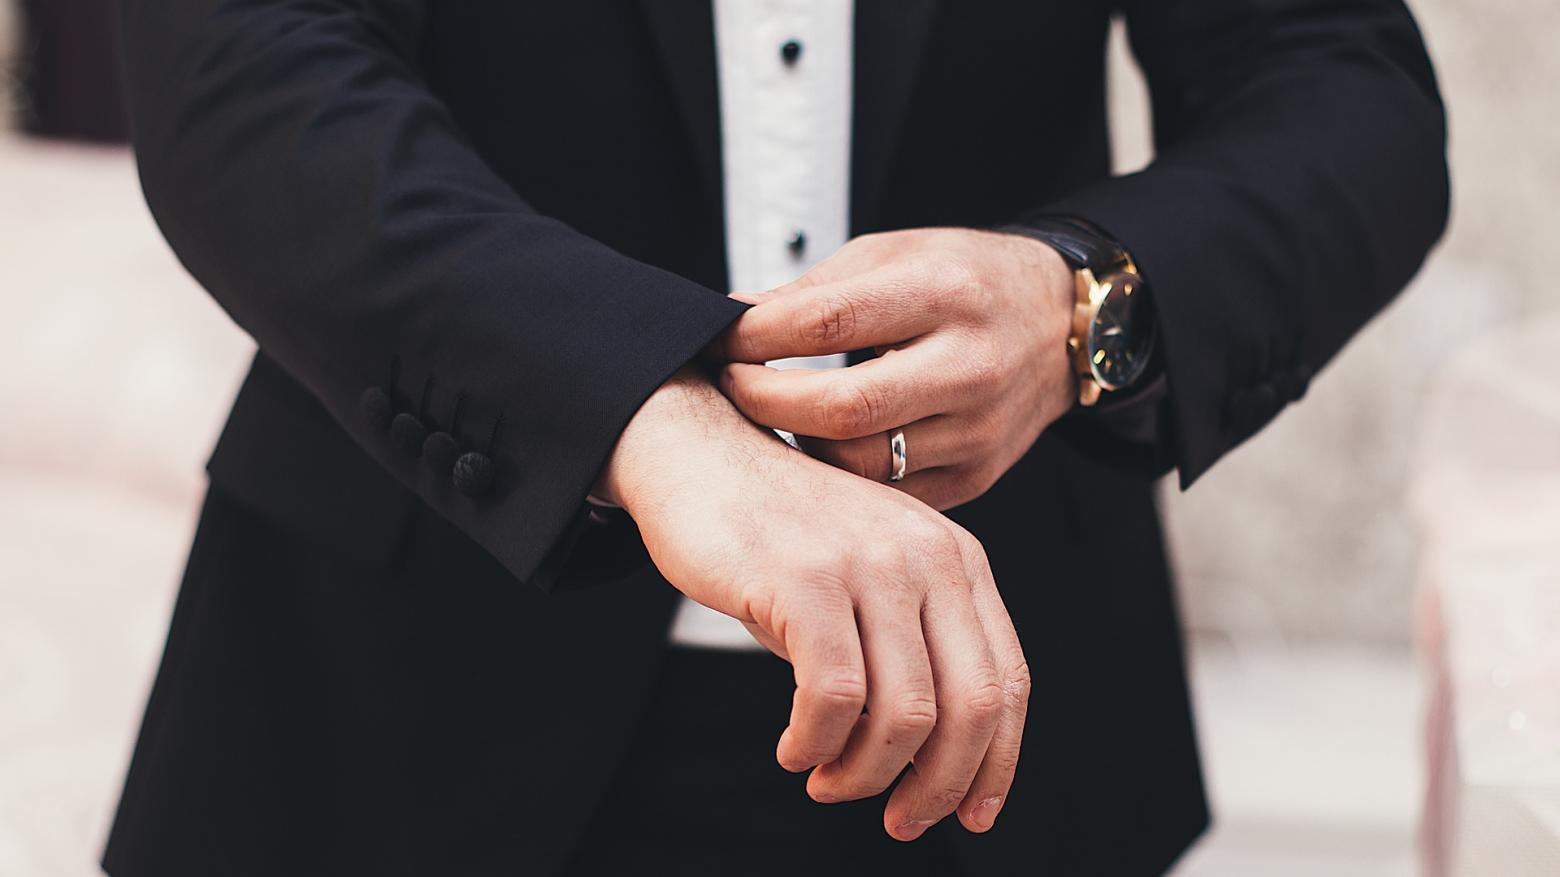 ビジネスマンにオススメ腕時計 TOP5ブランド